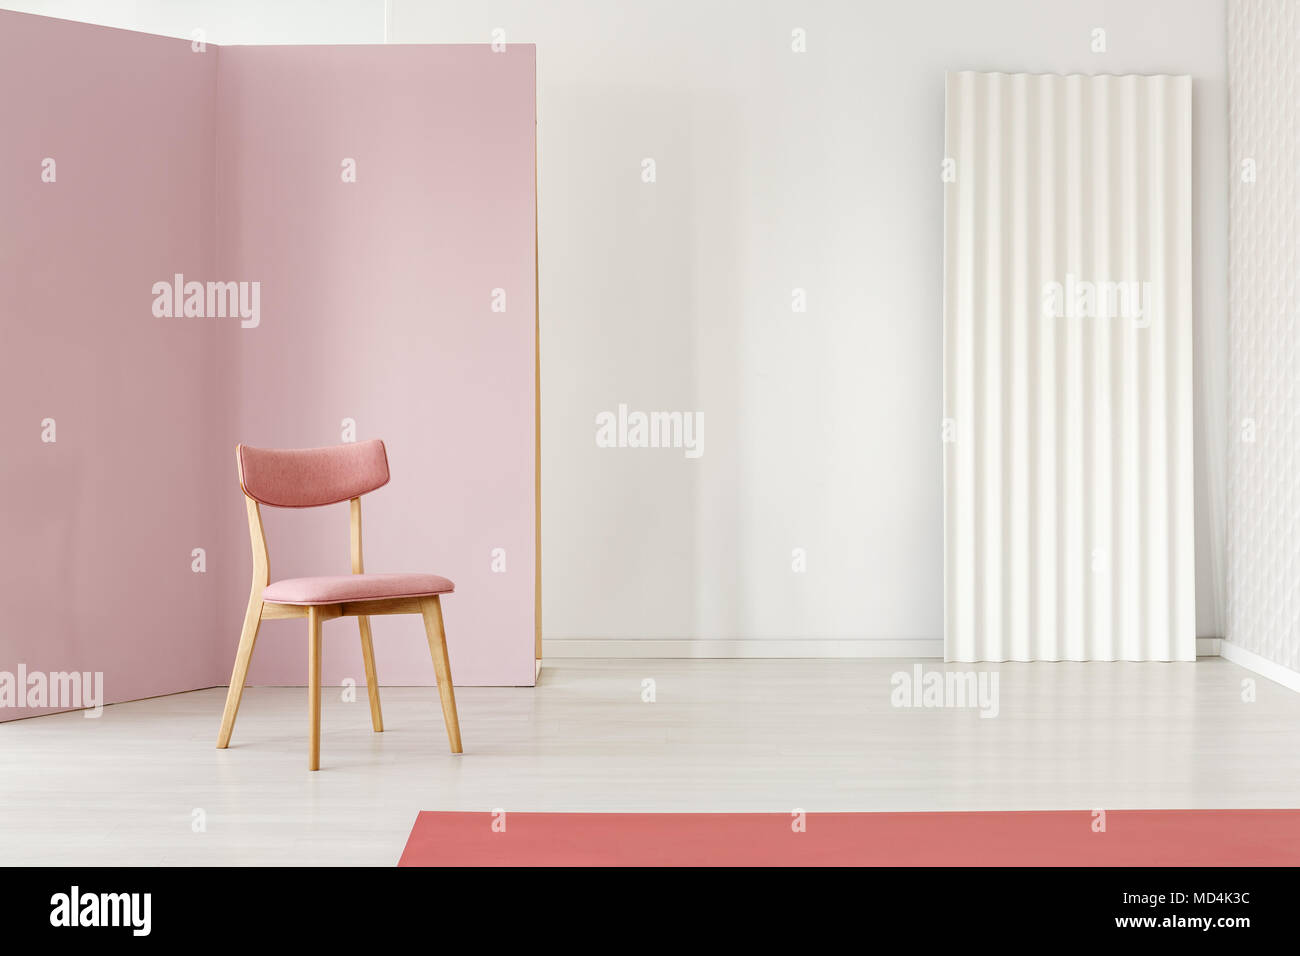 Retro gepolstert holzstuhl durch eine rosafarbene ecke